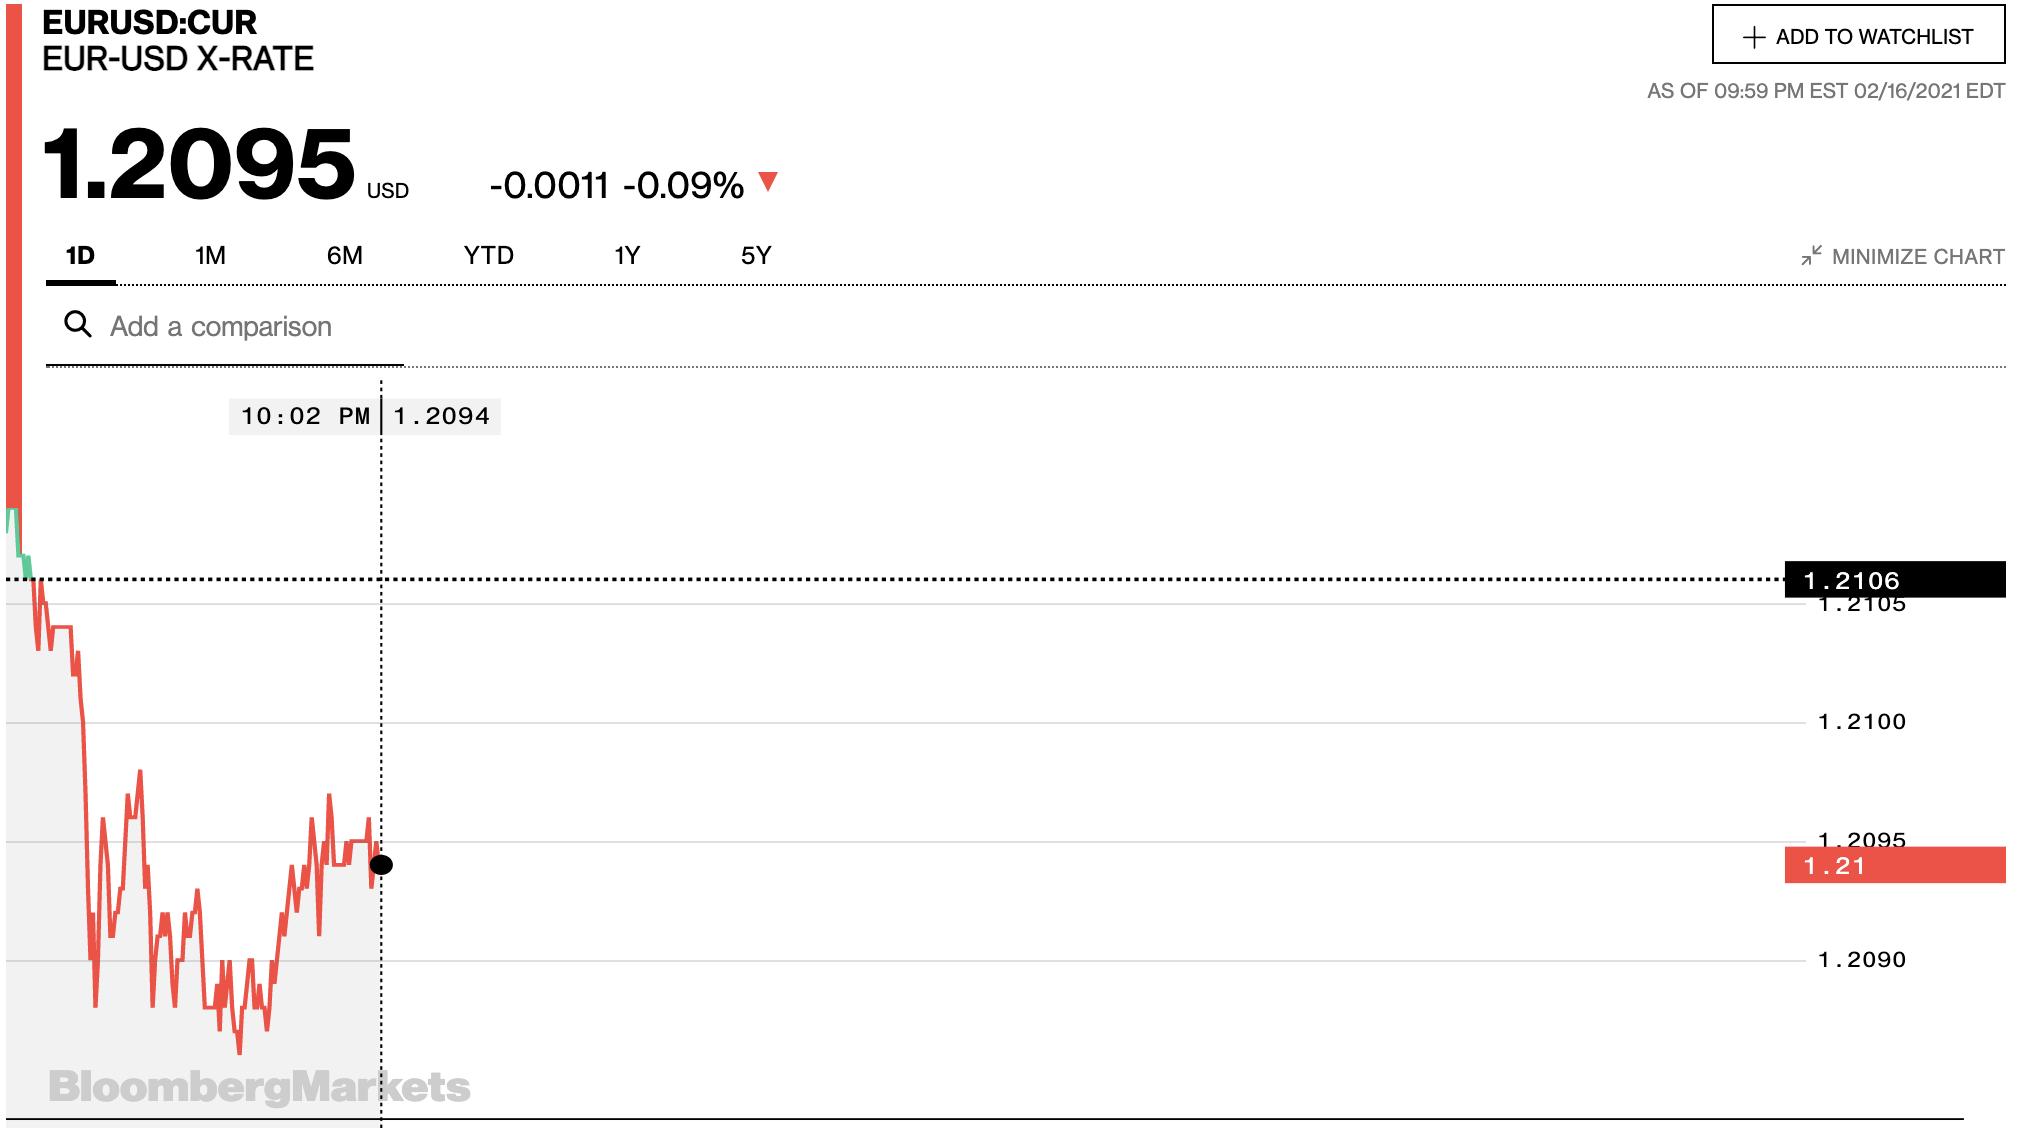 Tỷ giá euro hôm nay 17/2: Tăng đồng loạt tại các ngân hàng ngày làm việc trở lại - Ảnh 2.